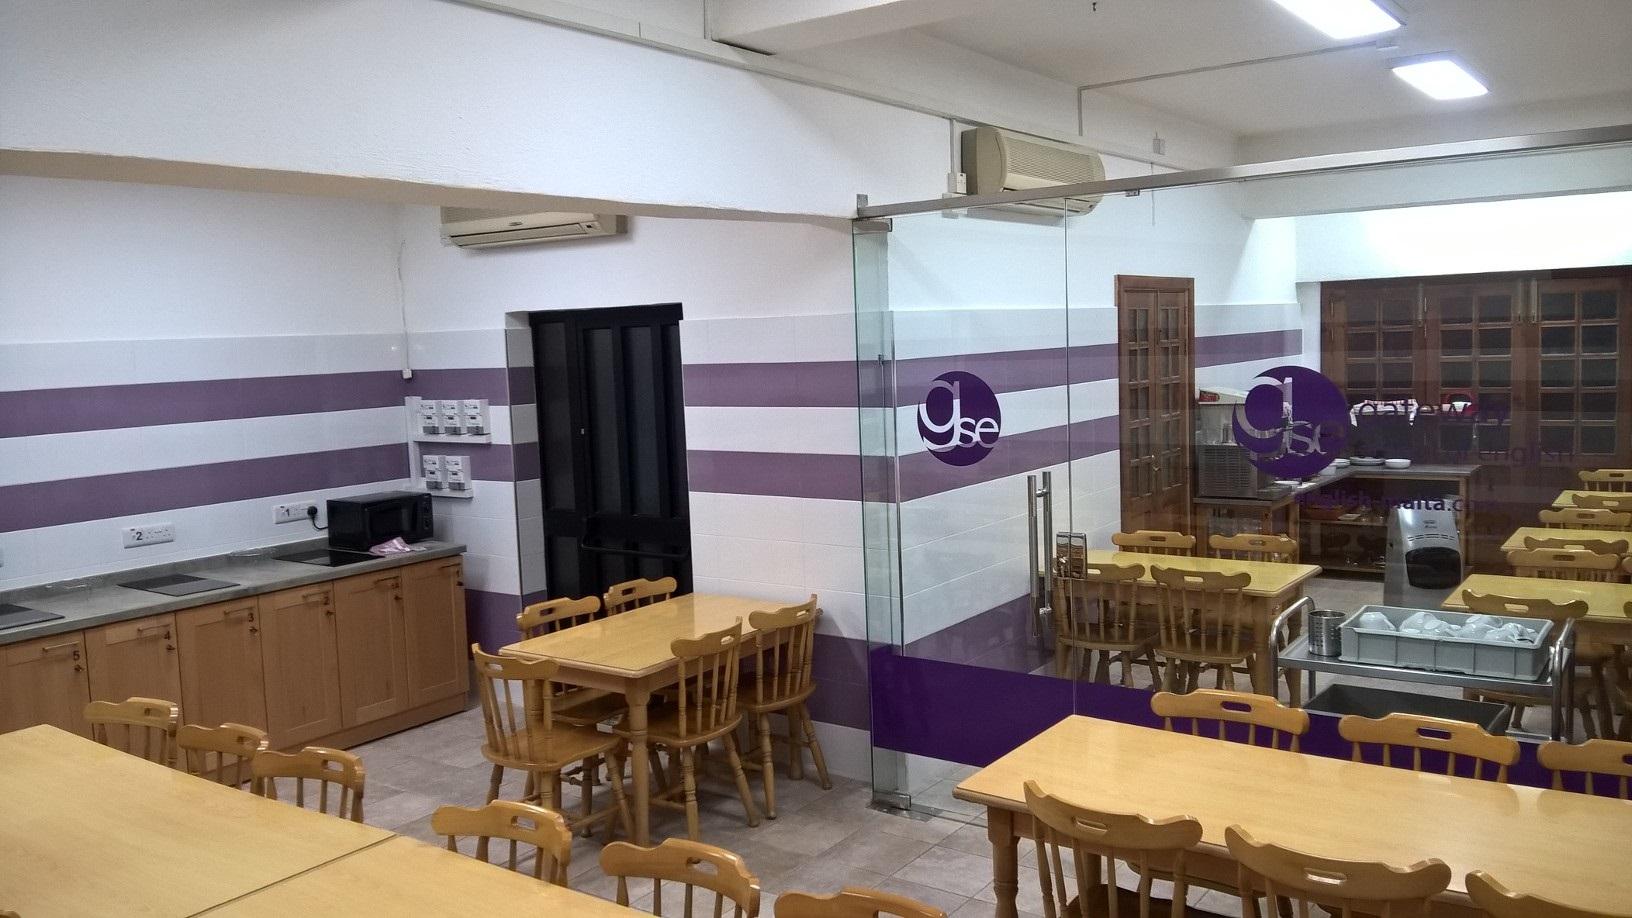 Alojamiento en la escuela de inglés GSE Gateway en st julians junto a la escuela con instalaciones de cocina y desayuno incluido